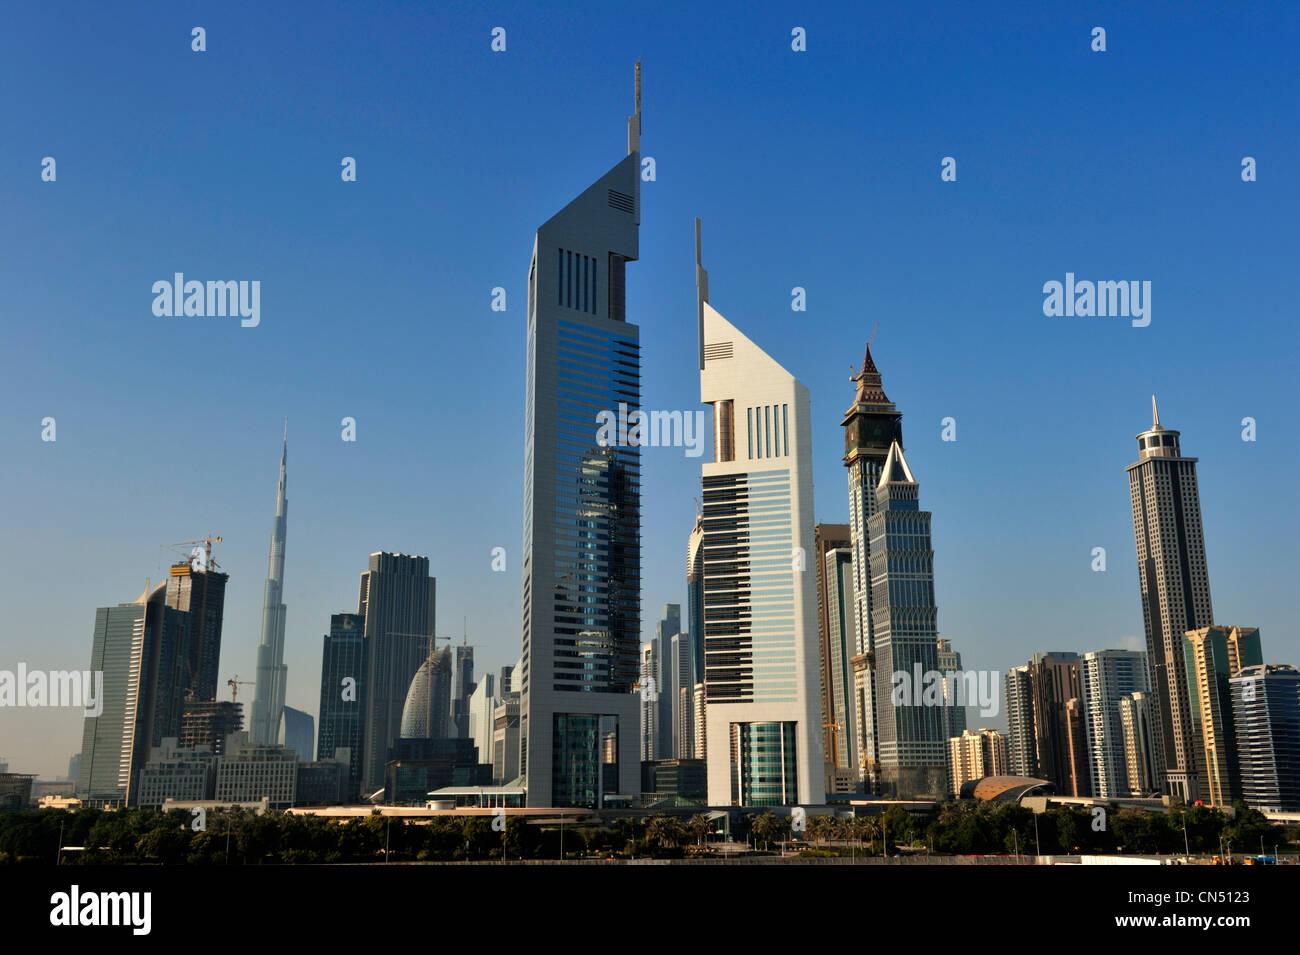 Vereinigte Arabische Emirate, Dubai, das Finanzzentrum mit Emirates Tower und die Sheikh Zayed Road-Türme Stockbild